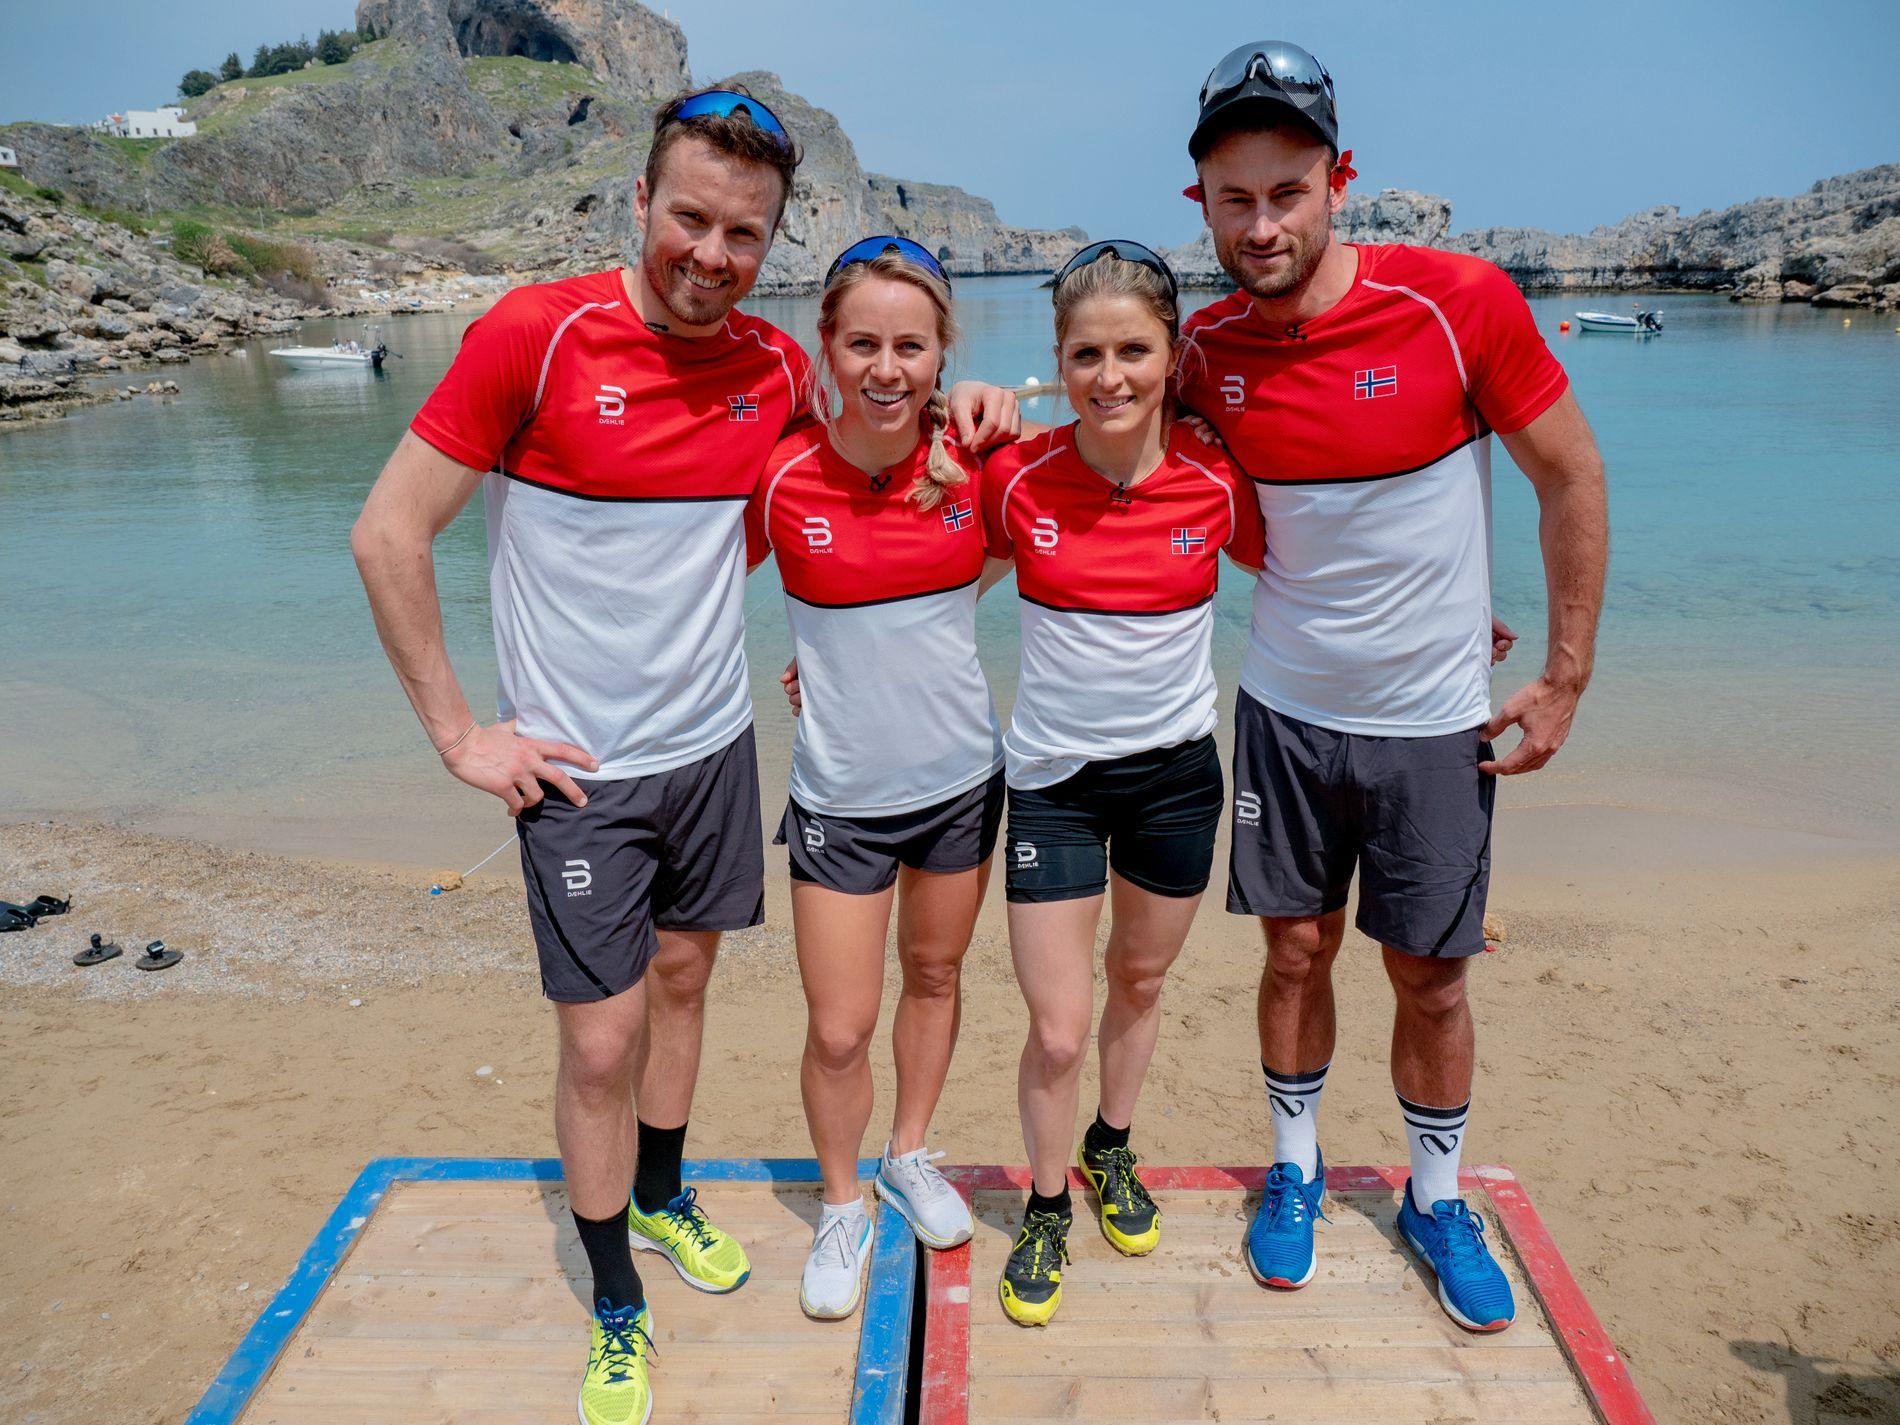 ESS ON THE BEACH: Emil Iversen, Tiril Eckhoff, Therese Johaug og Petter Northug forsvarer de norske æren i «Landskampen».